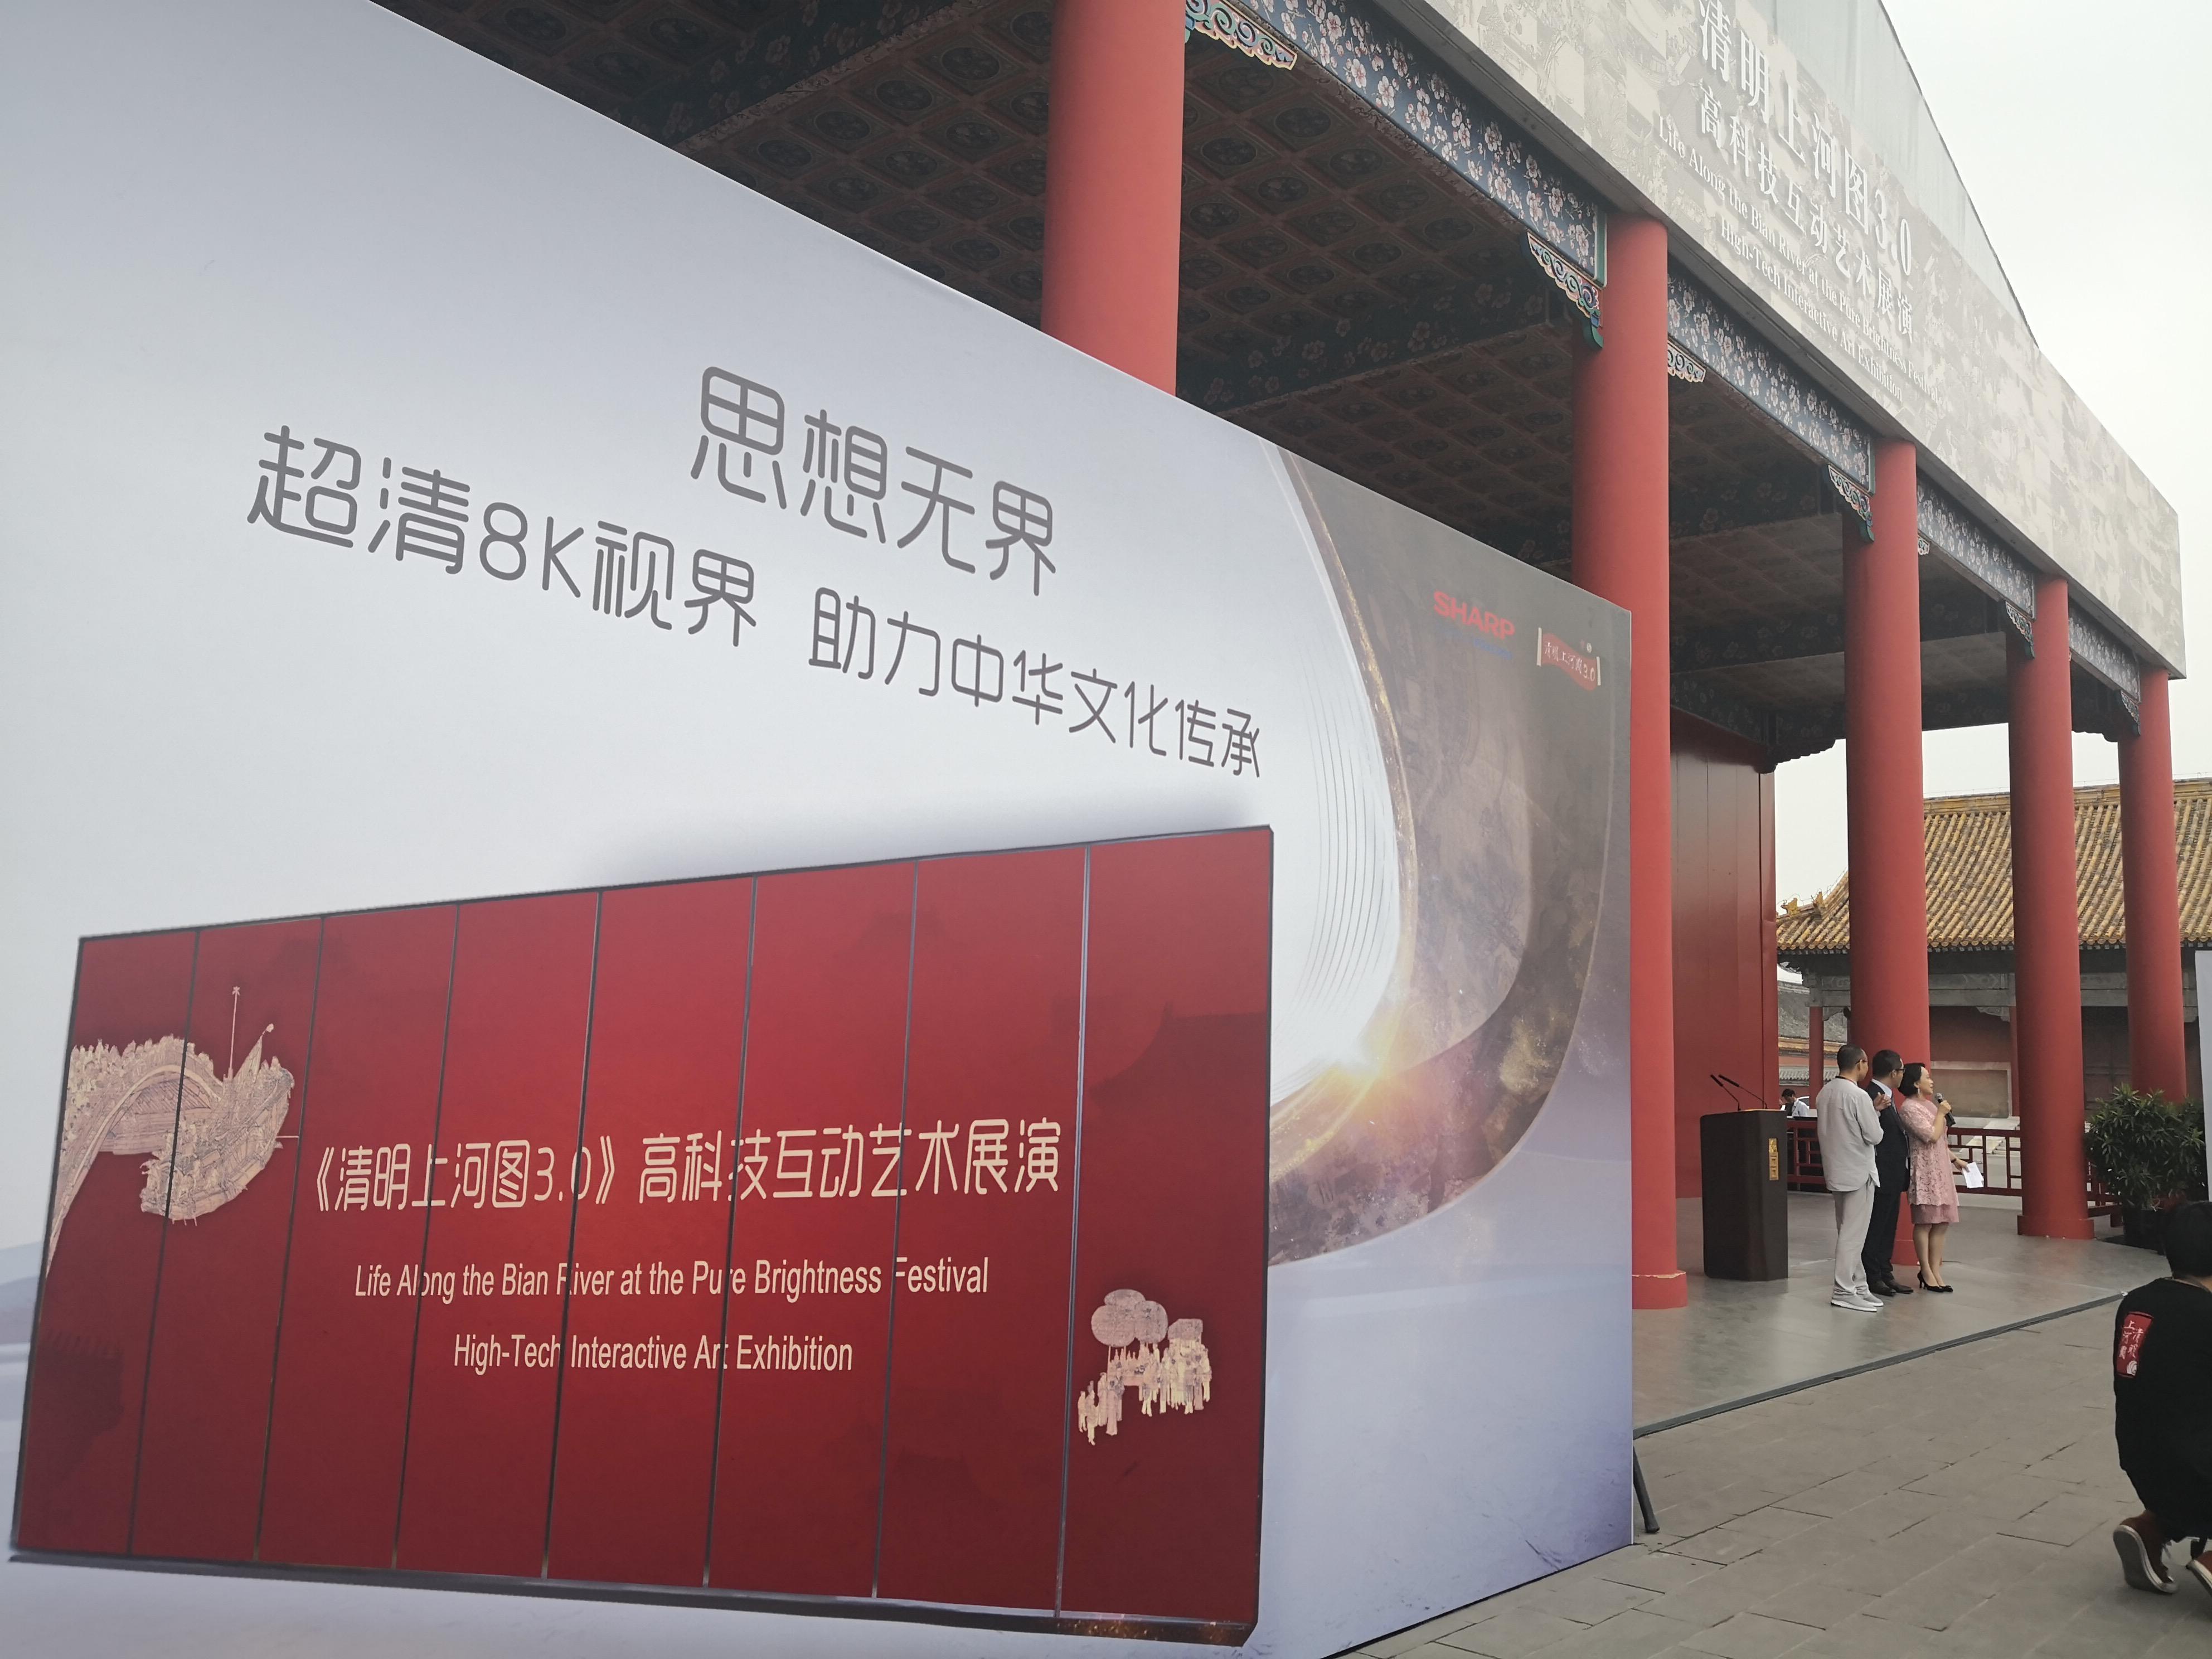 思想无界:超清8K视界 助力中华文化传承